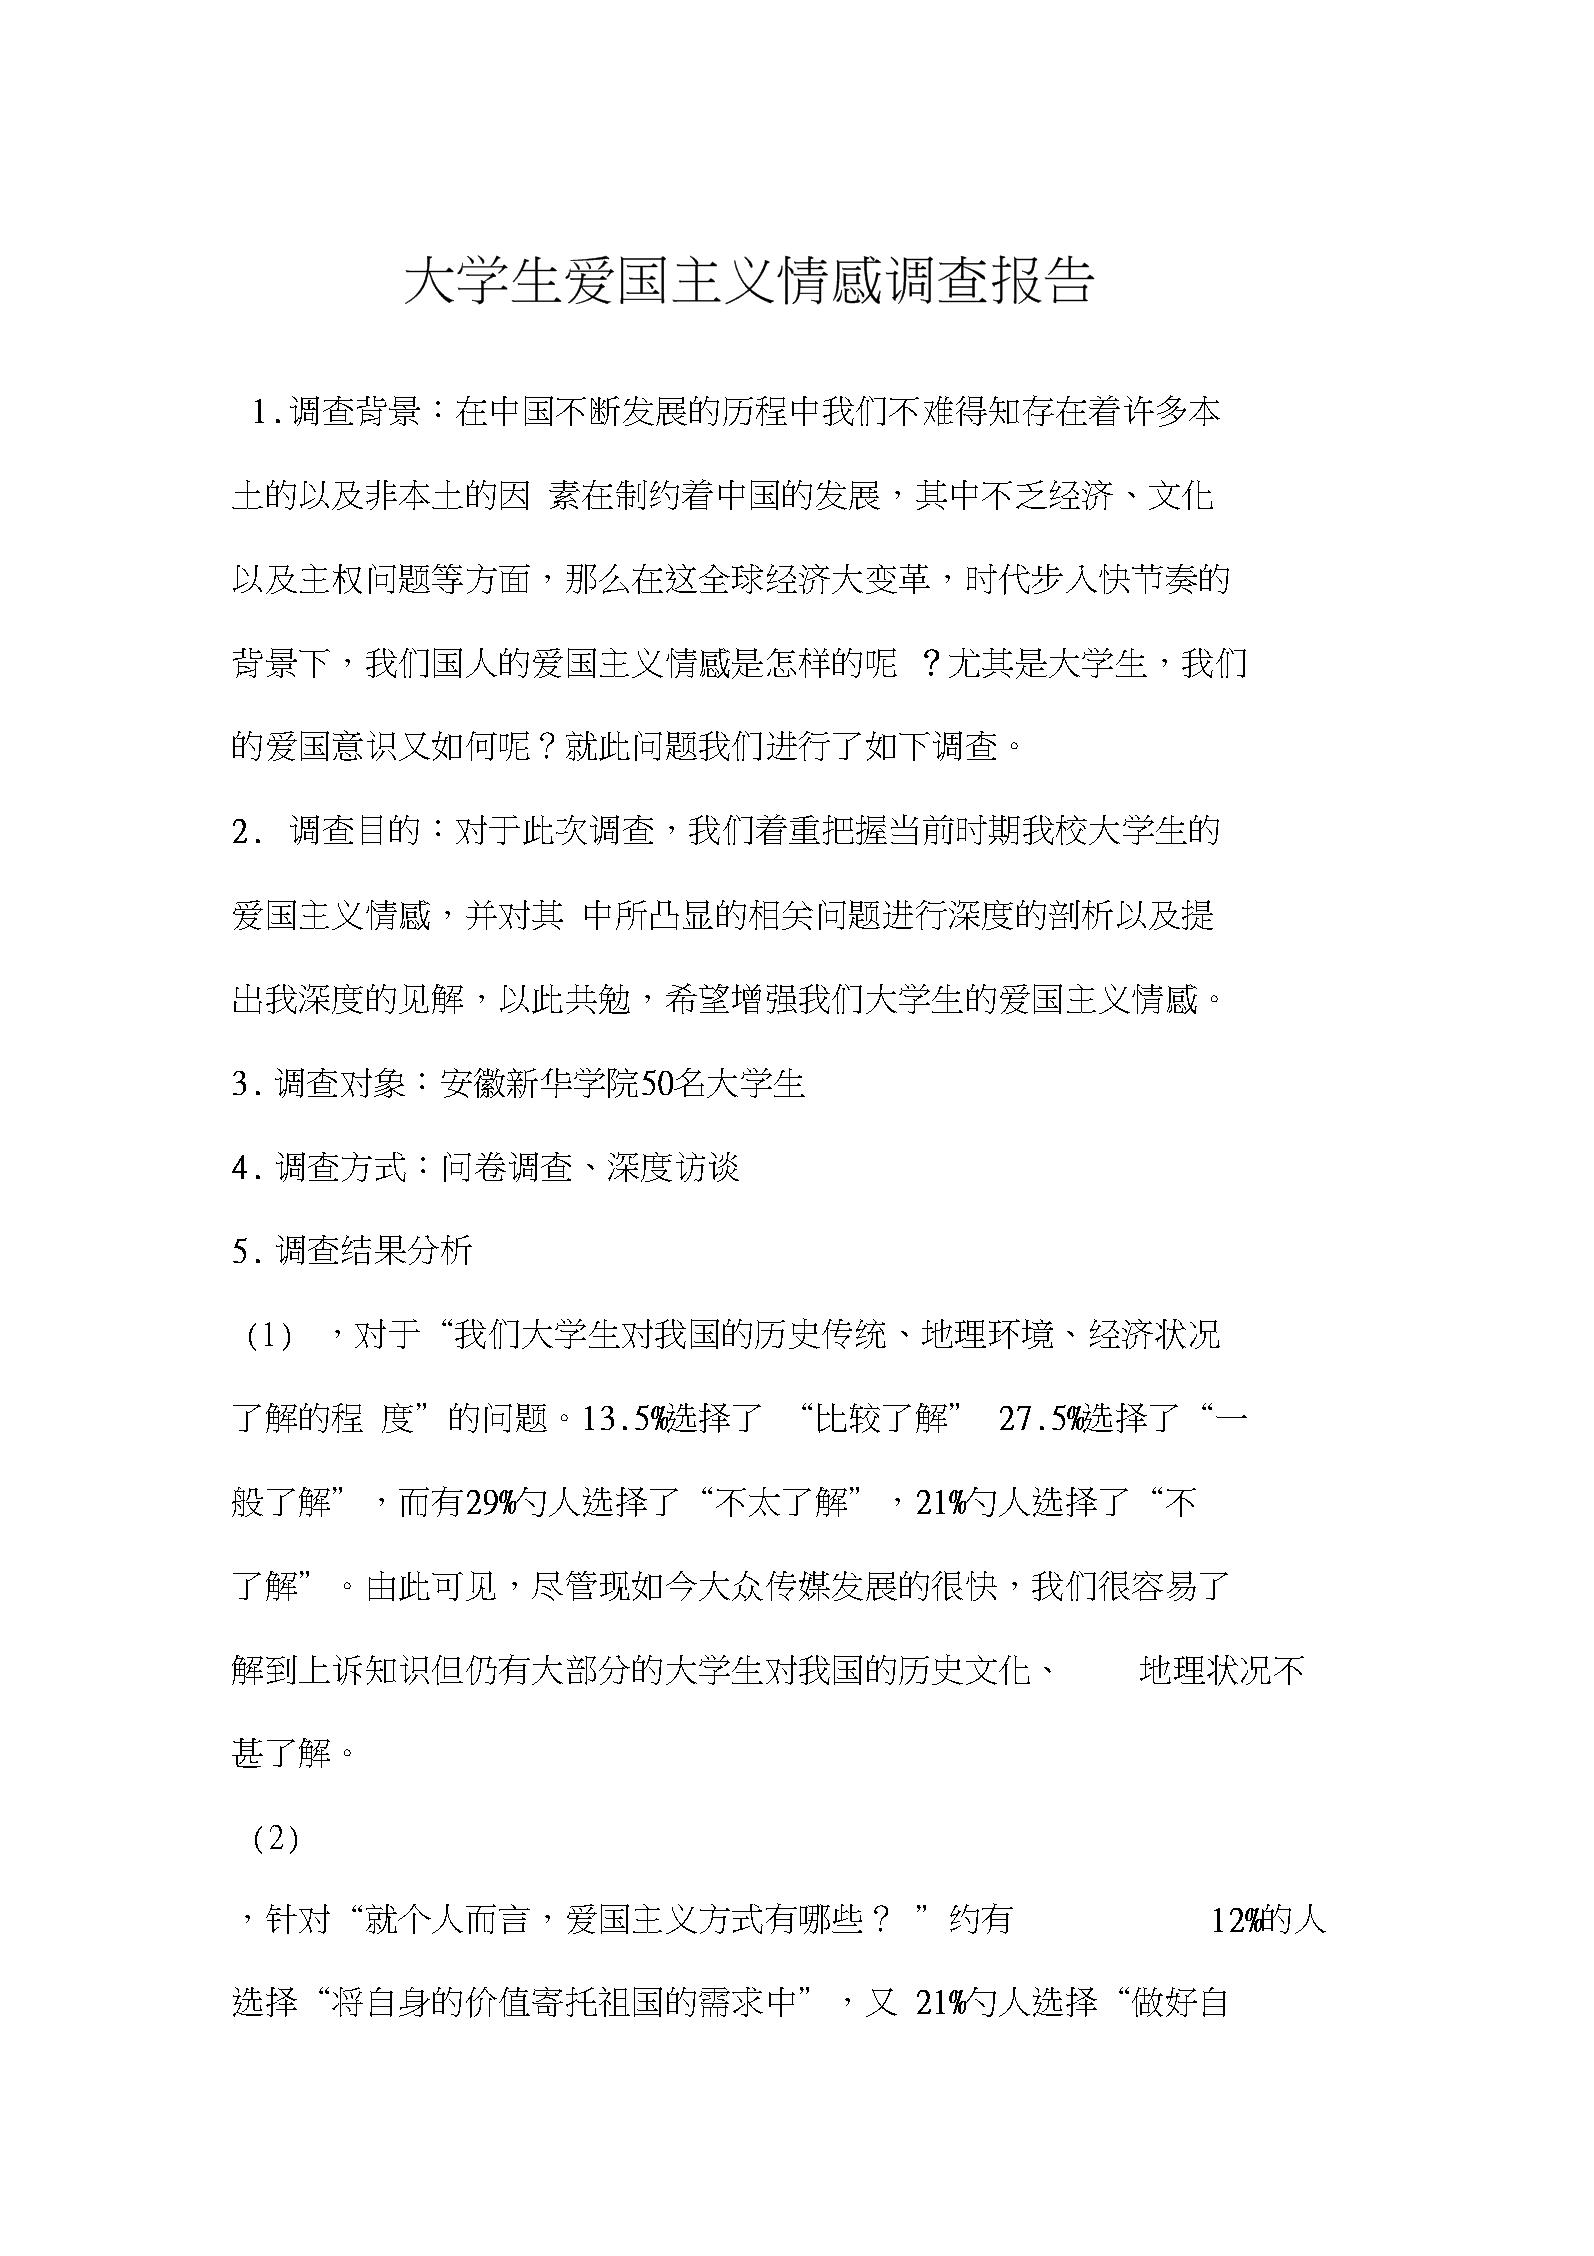 大学生爱国主义情感调查报告.docx